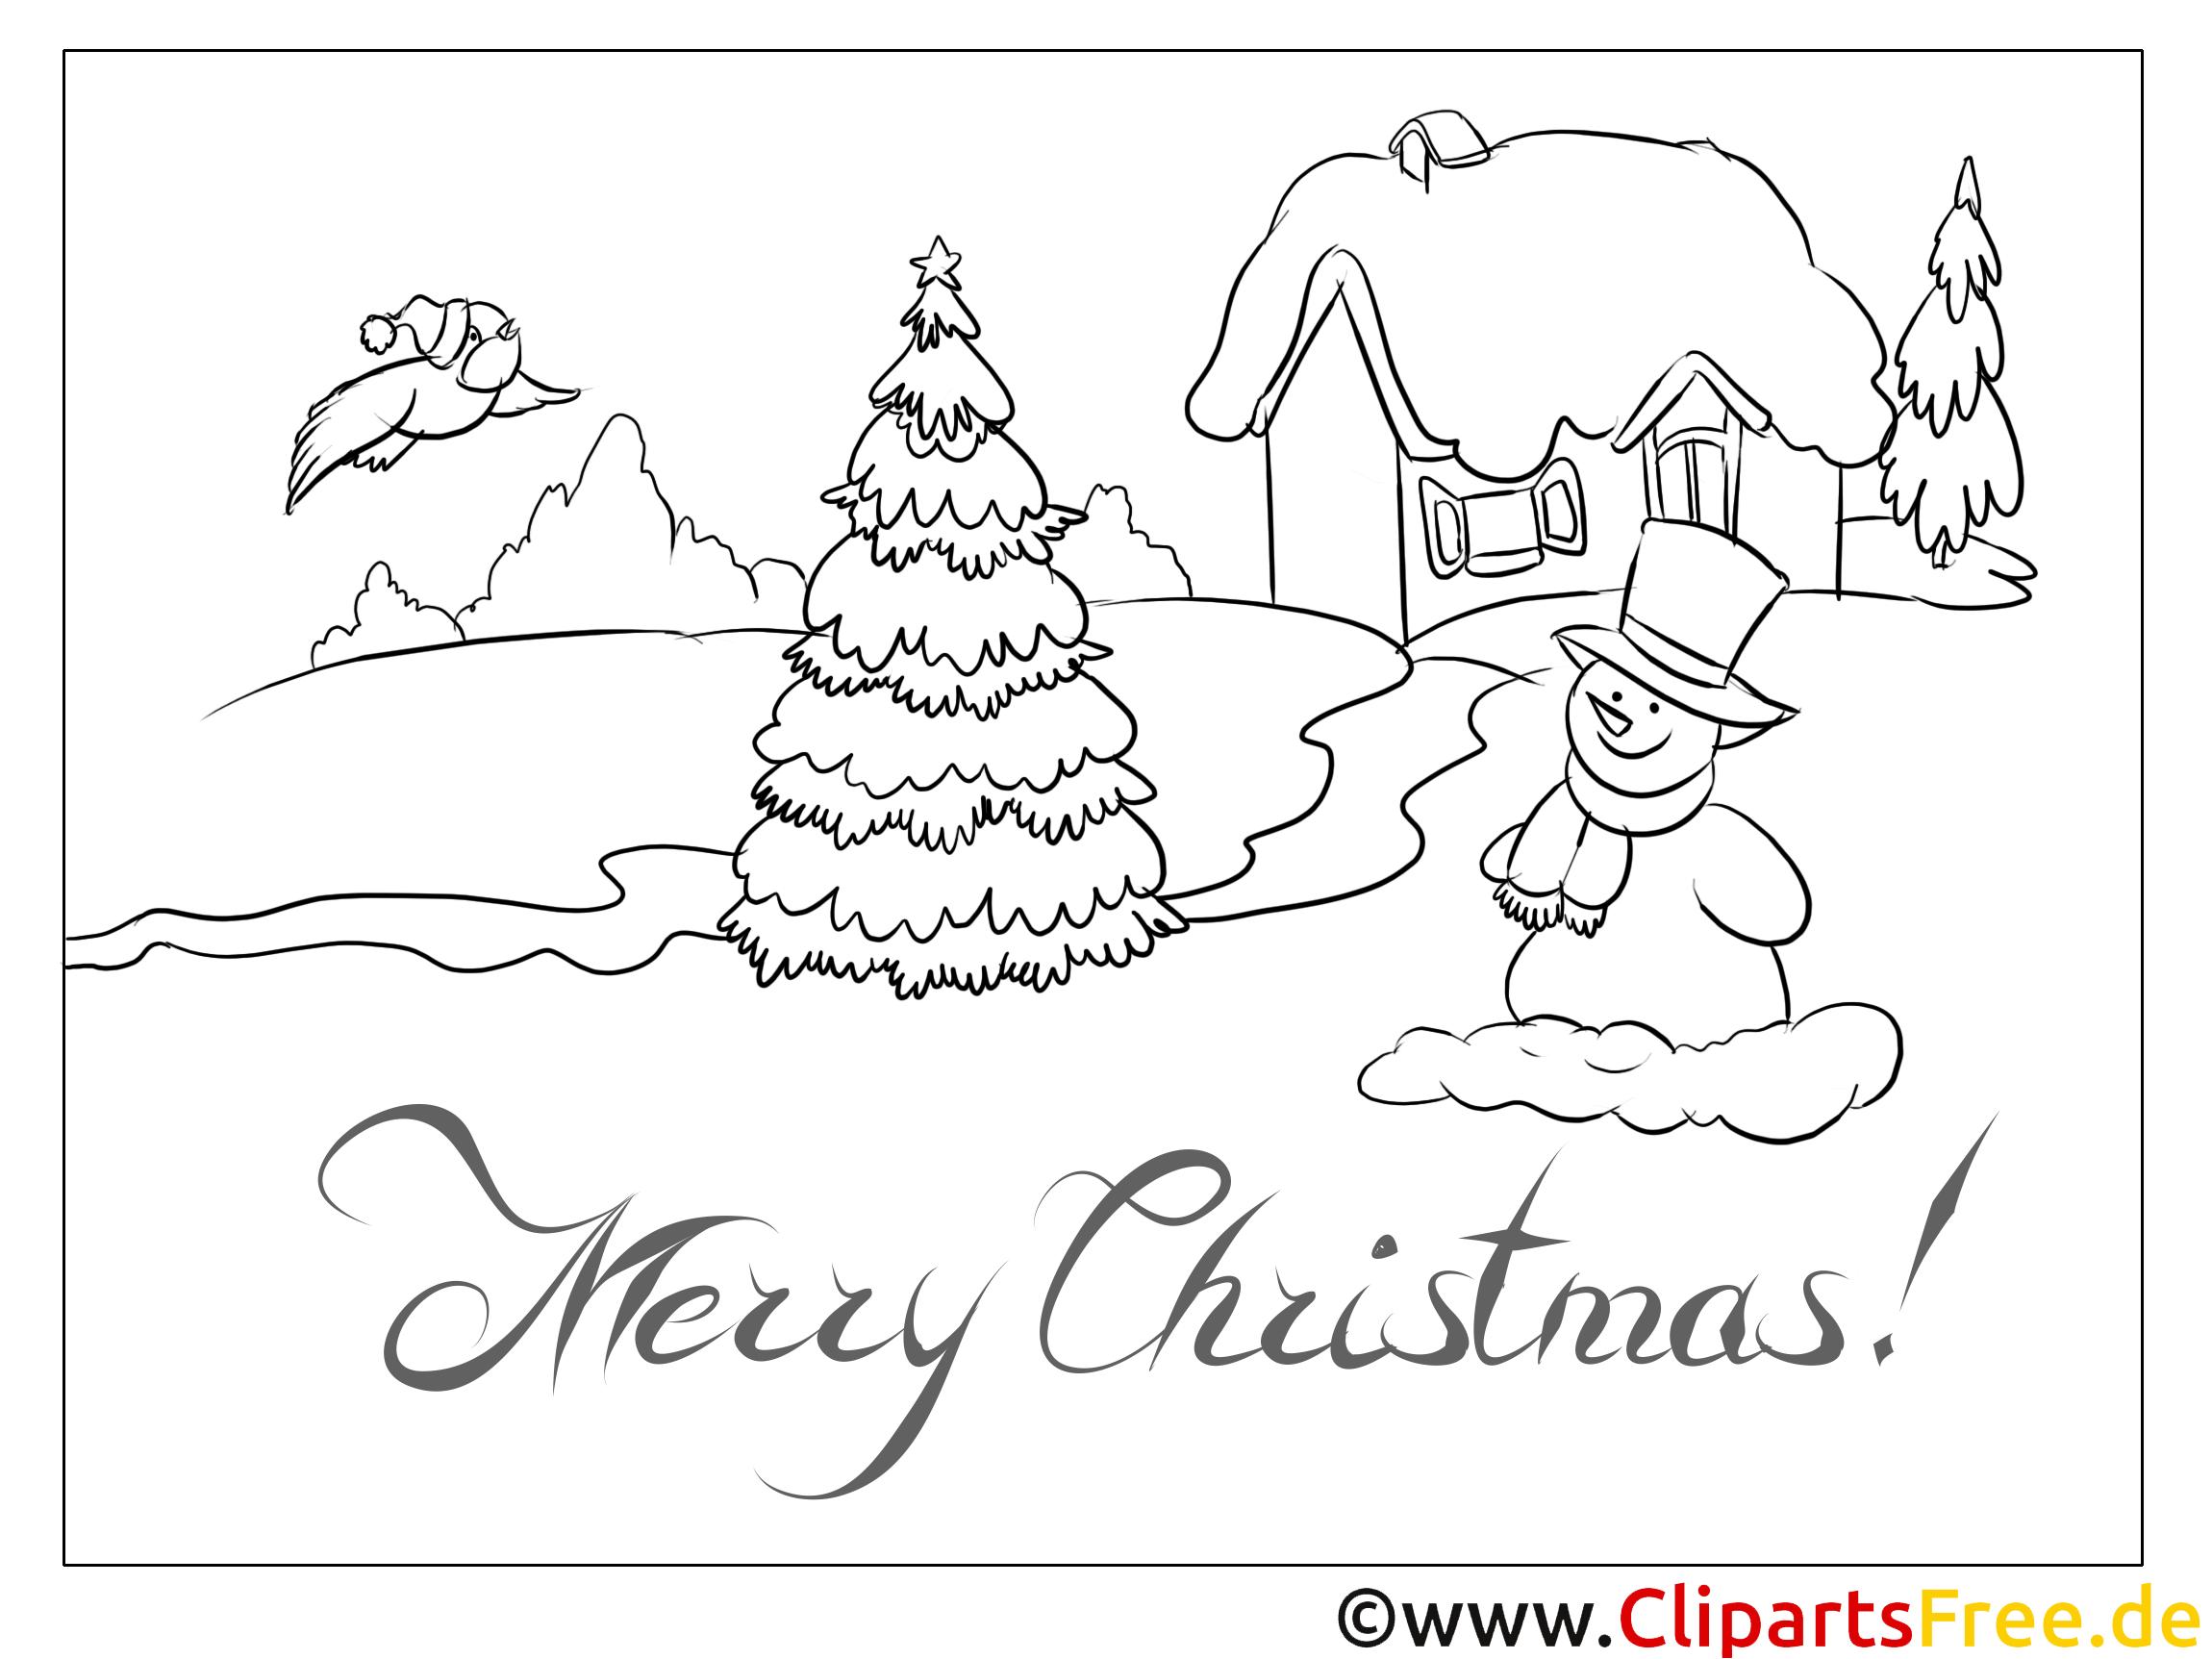 Malvorlagen Weihnachten.Schnee Vogel Schneemann Malvorlagen Weihnachten Und Advent